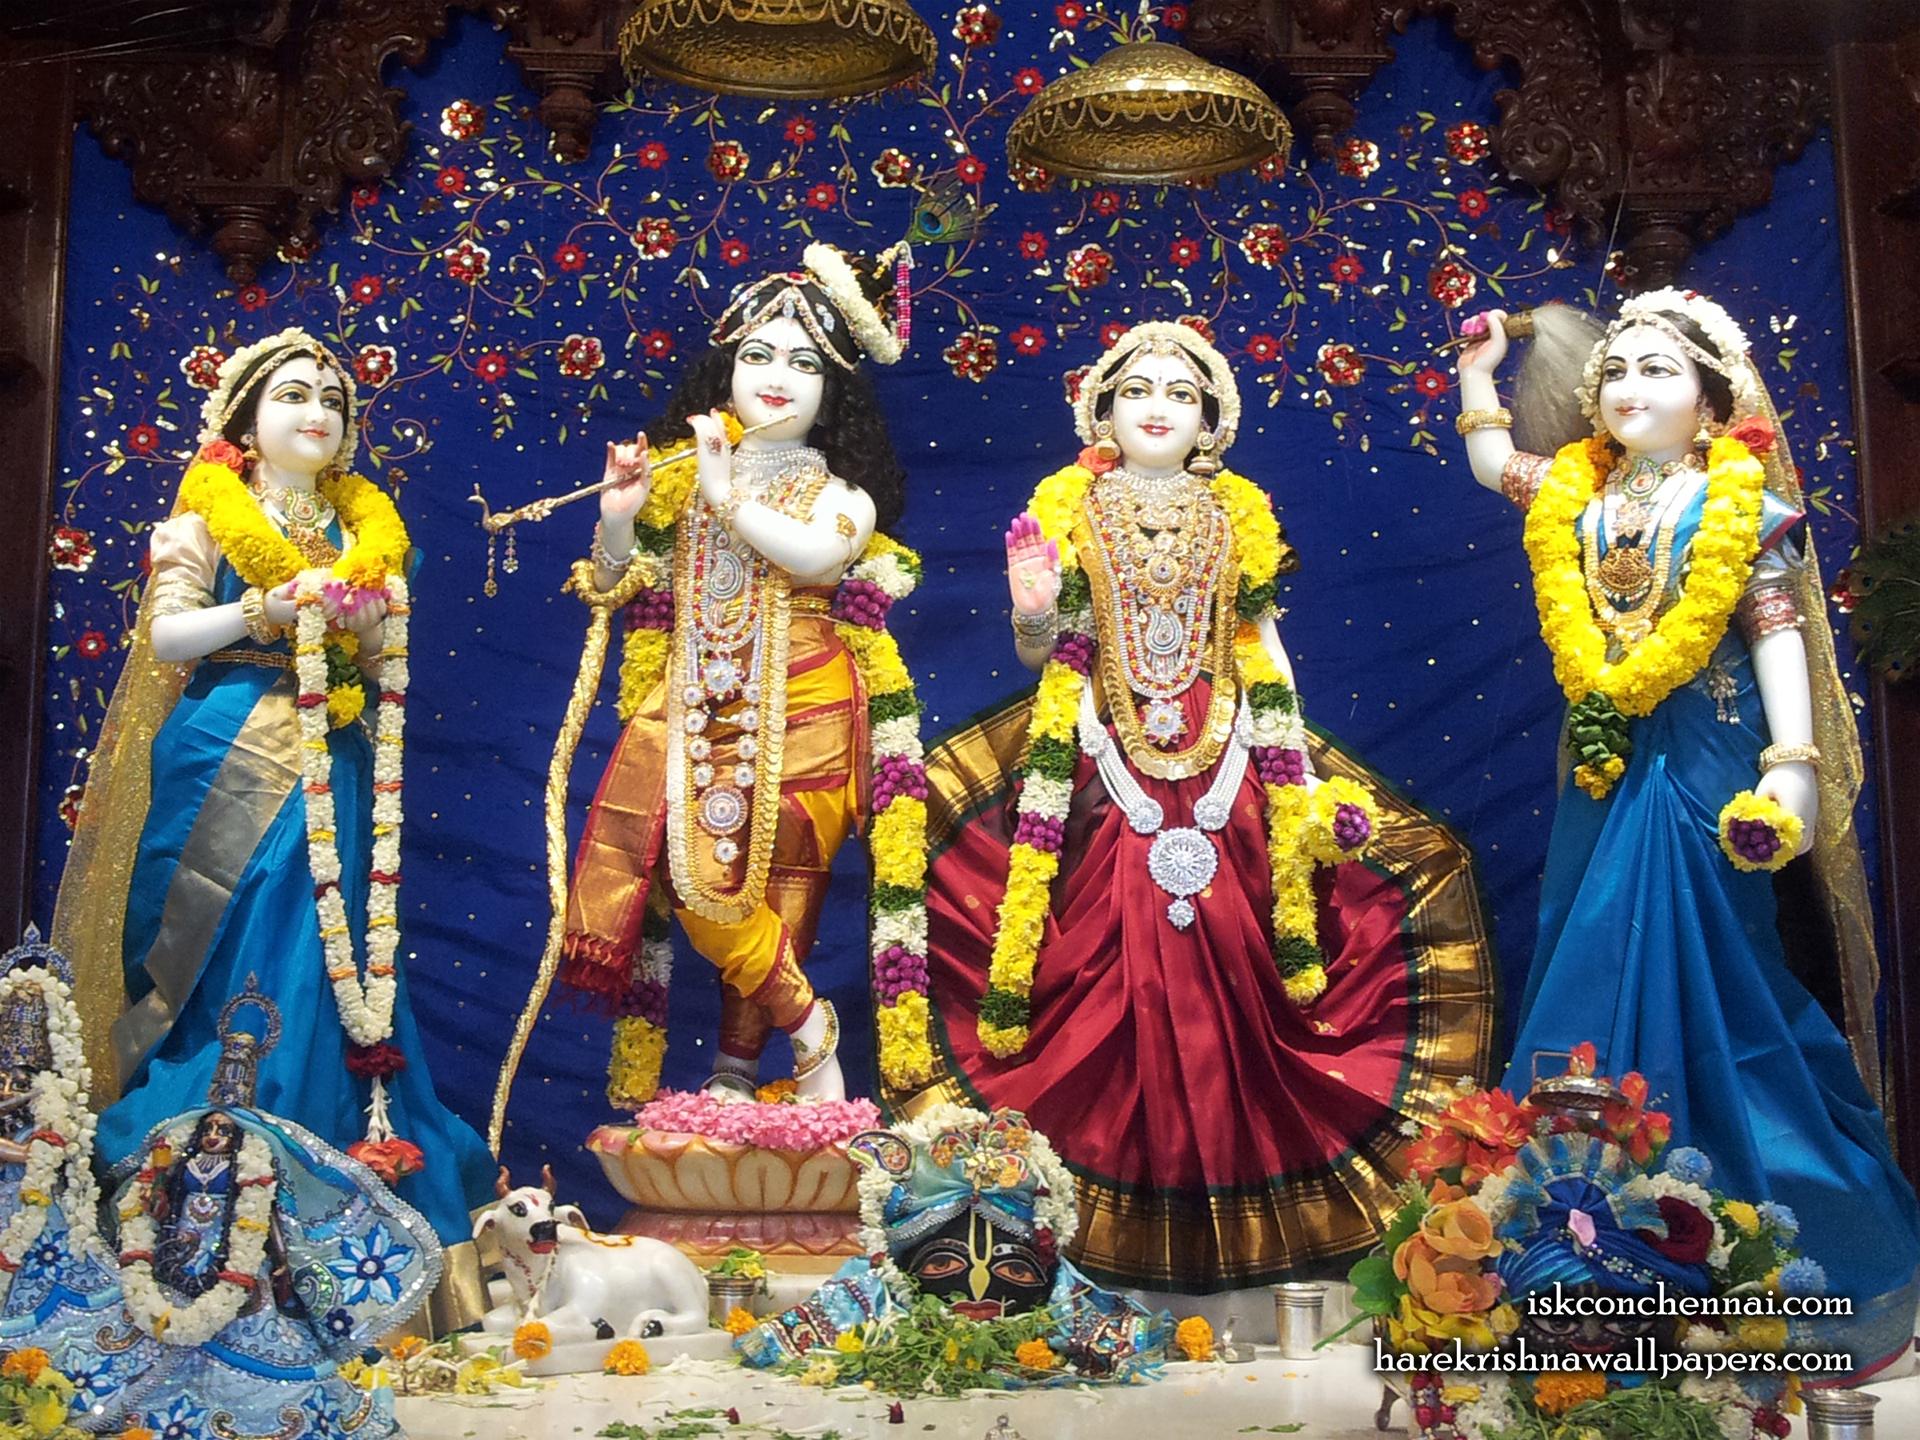 Sri Sri Radha Krishna Lalita Vishakha Wallpaper (008) Size 1920x1440 Download